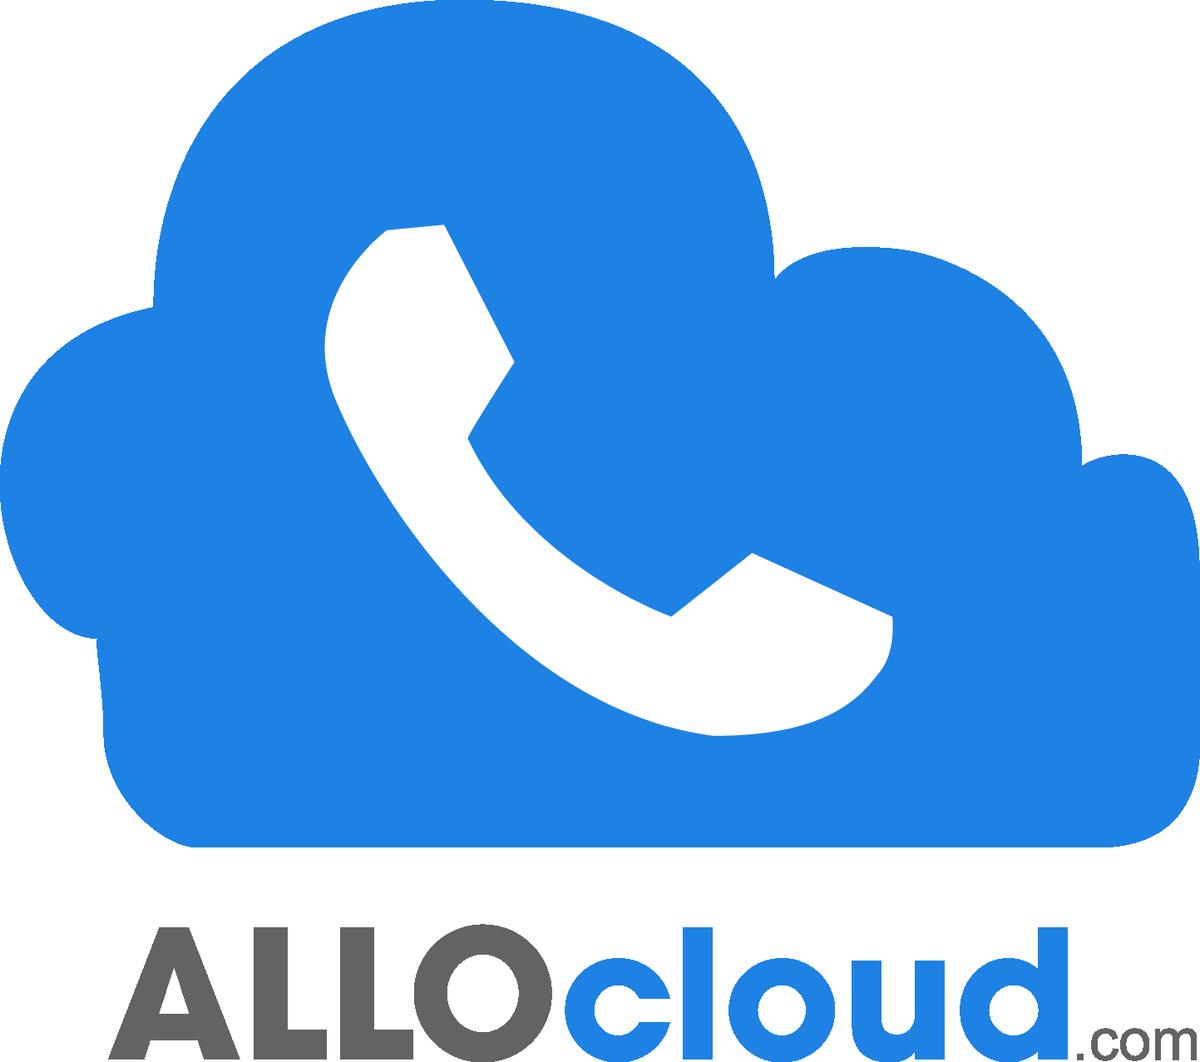 Ook @ALLOcloud is partner van Work Smarter on Tour. Integreer hun cloud telefooncentrale met Teamleader en je salesteam wint enorm aan productiviteit. Op zoek naar extra tips over hoe je anno 2020 meer & slimmer verkoopt? Registreer je dan hier: https://t.co/9NbRT6HJvj https://t.co/8OOOtm2n3J